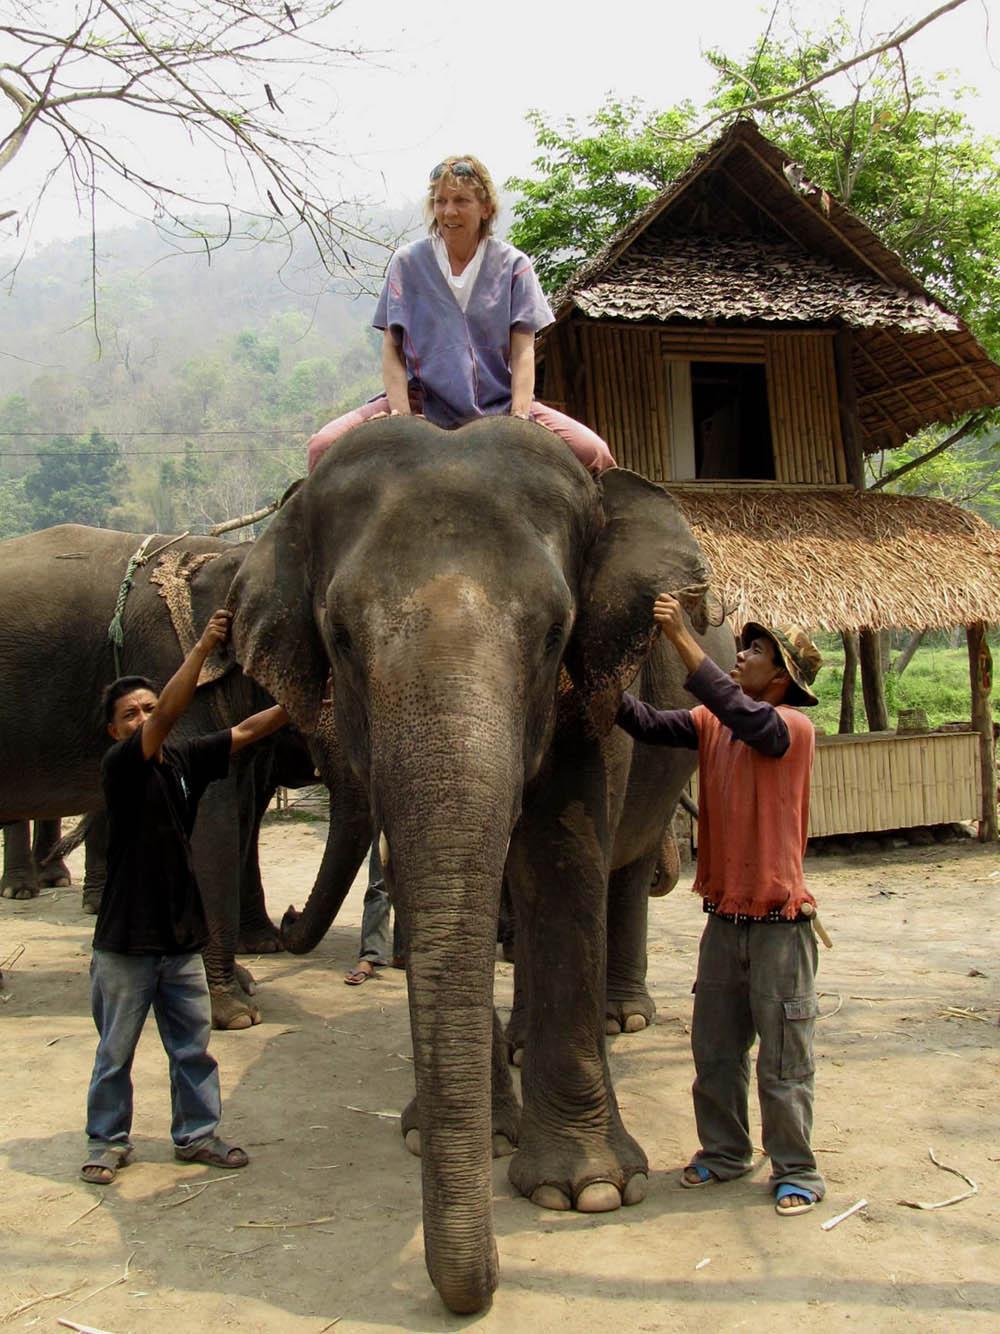 elephant-farm-rides